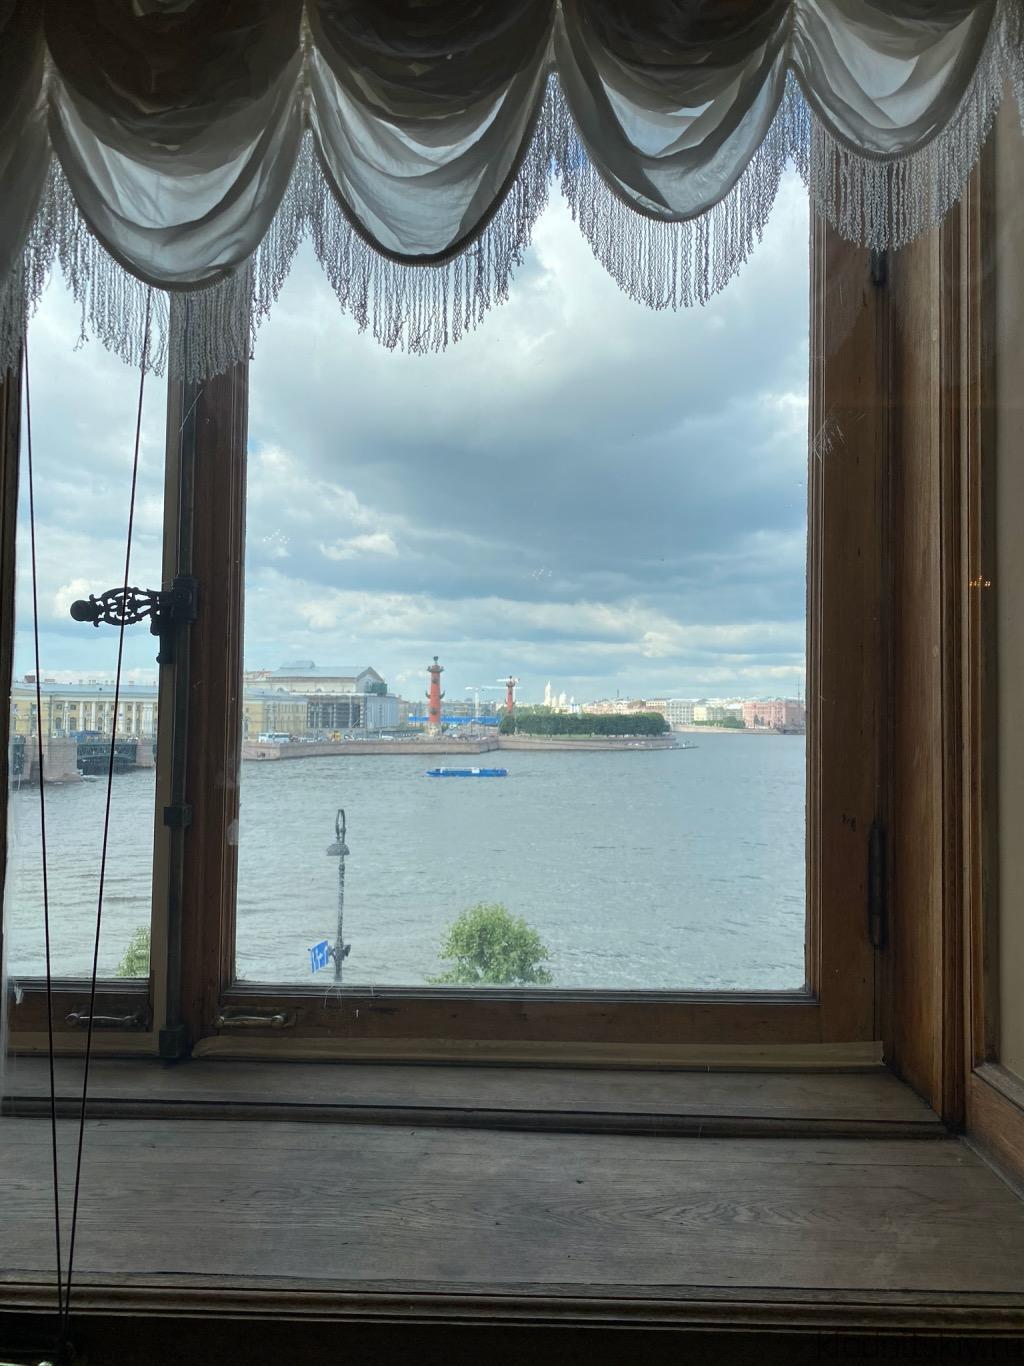 Санкт-Петербург, Музей Эрмитаж